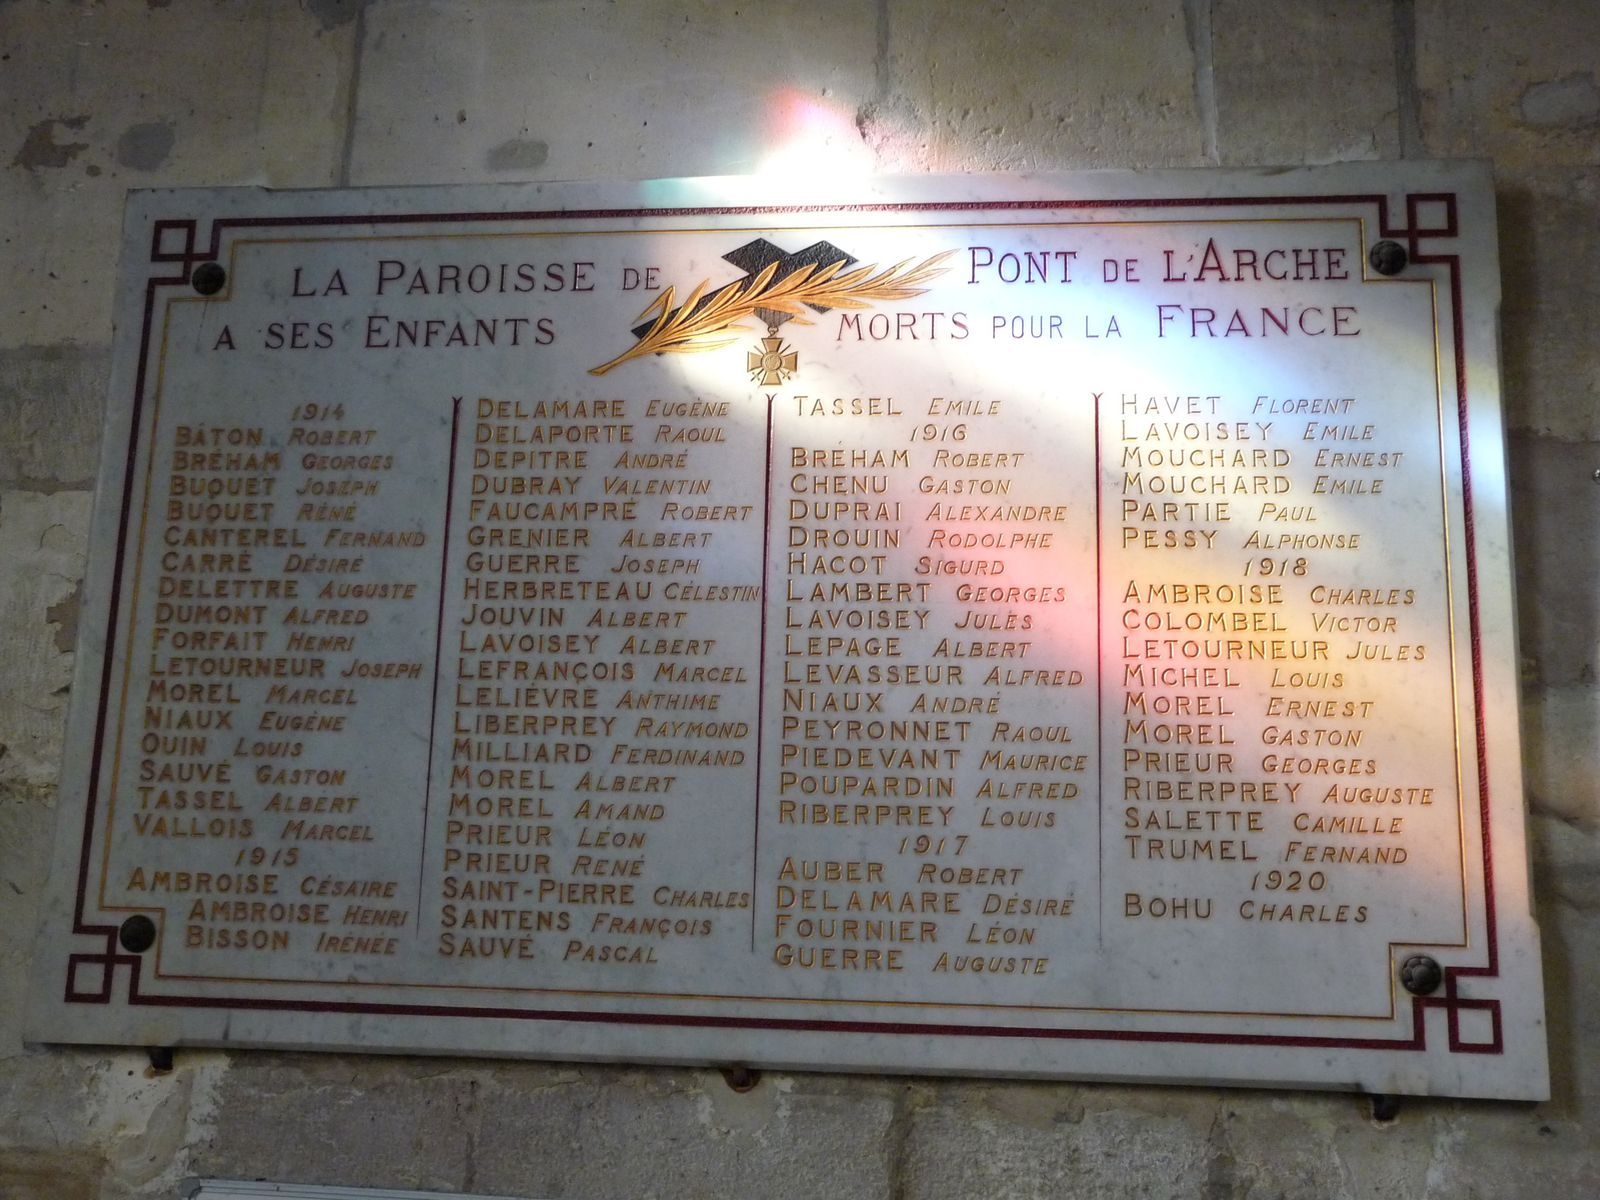 La paroisse de Pont-de-l'Arche a fait graver les noms des soldats décédés sur une plaque de marbre située sous la tribune de l'orgue (cliché Armand Launay, novembre 2013).